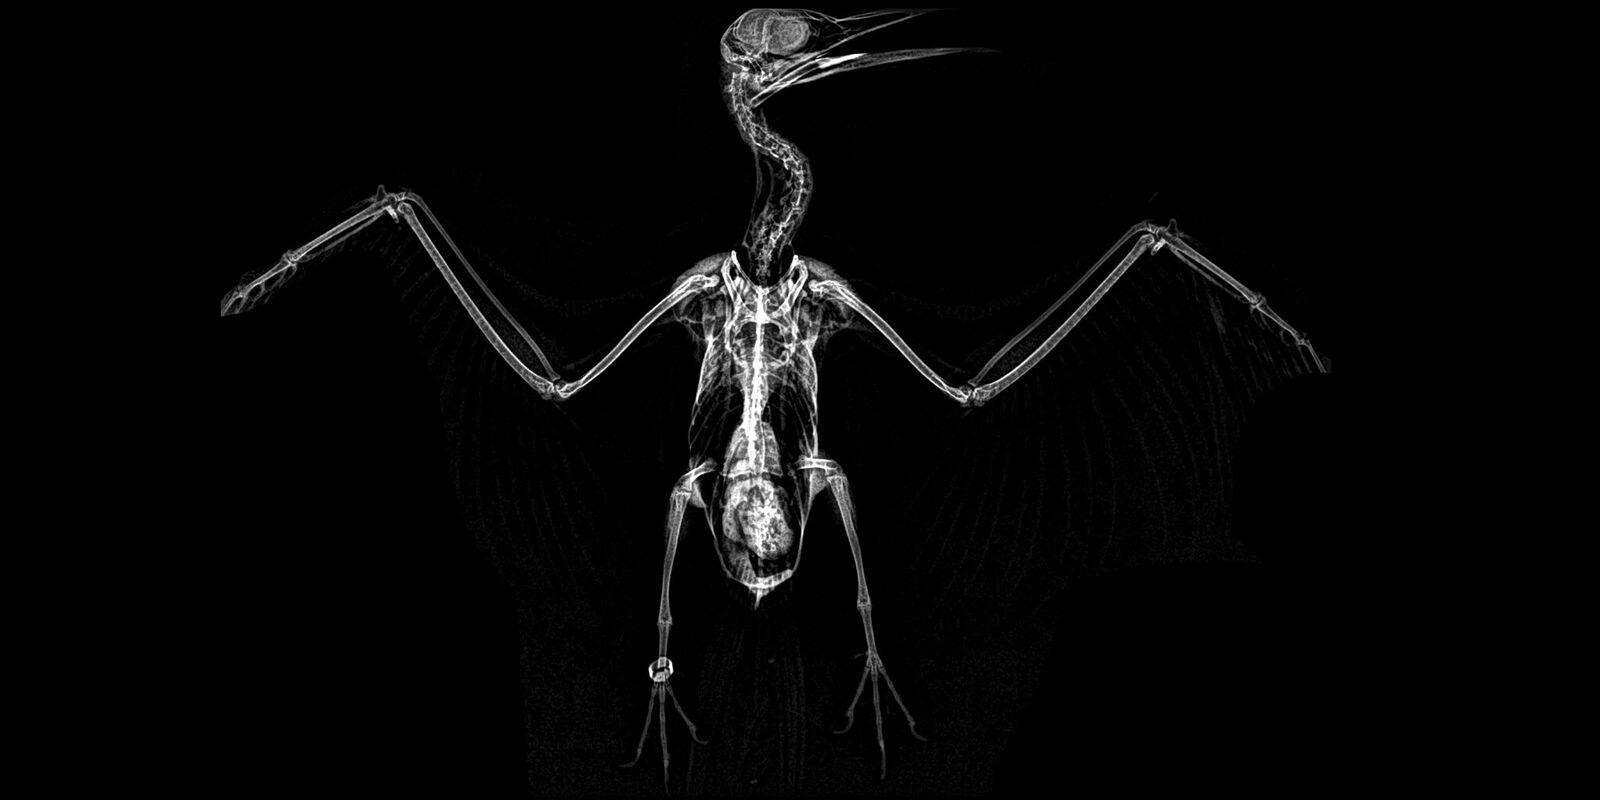 prześwietlenie, rentgen dzikich zwierząt, jak zoo dba o zwierzęta, ogród zoologiczny, oregon, dzikie zwierzęta na zdjęciach, zdjęcia, blog o dzikich zwierzętach, animalistka.pl